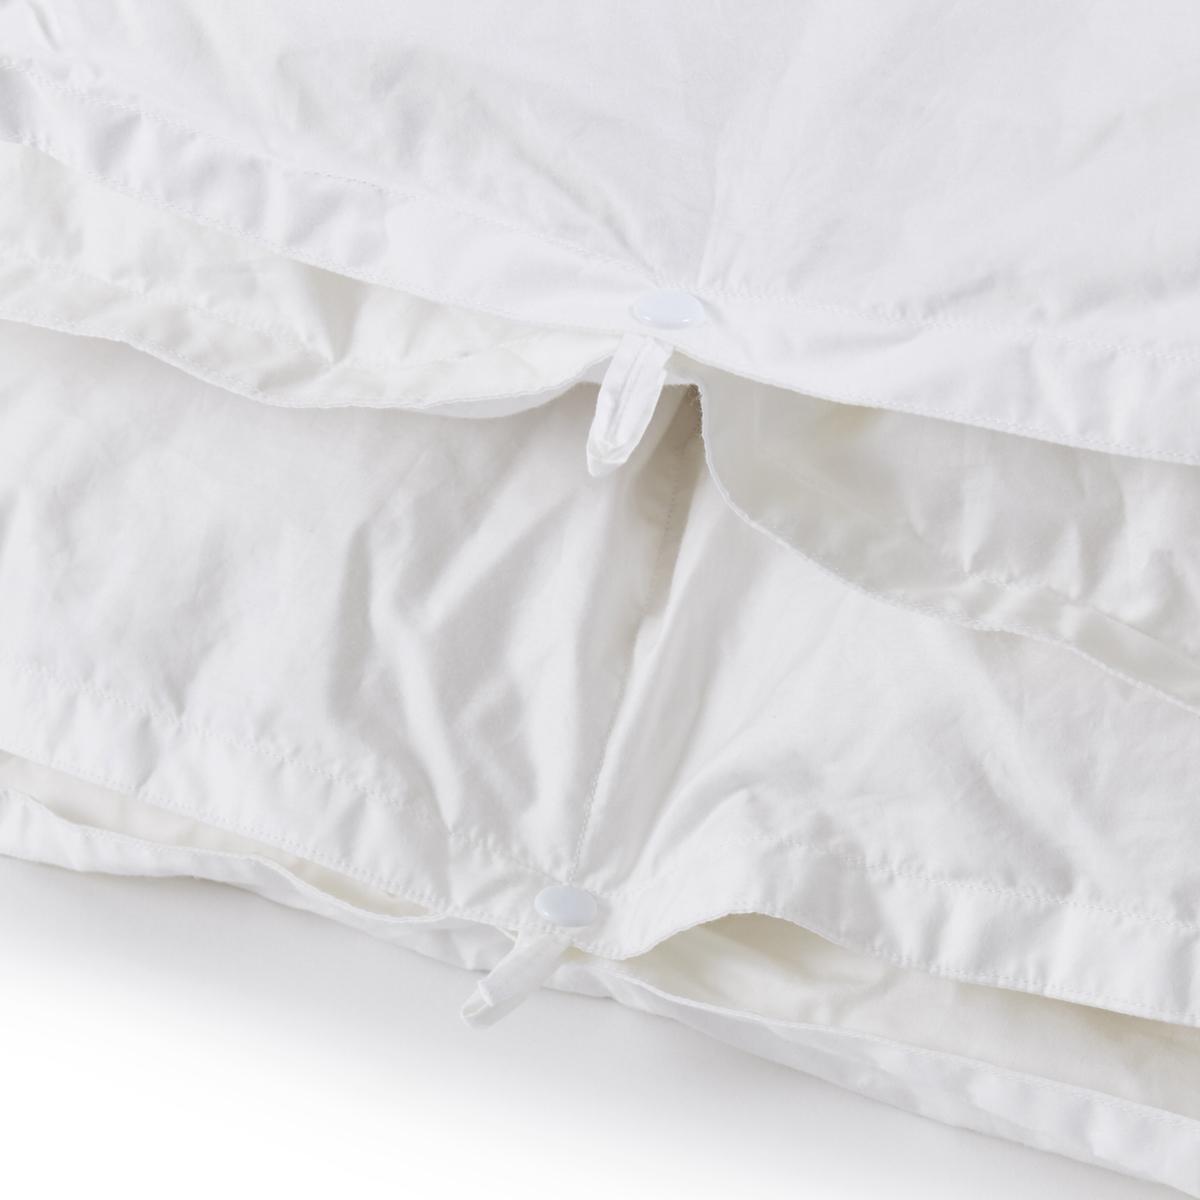 深い眠りを叶えてくれる「羽毛布団」 《羽毛布団/シングル》一年中使える2枚ペア構造、深い眠りを叶えてくれる高品質羽毛布団   クラウズ / ポーランド産ホワイトグースダウン90%(MONOCO限定)